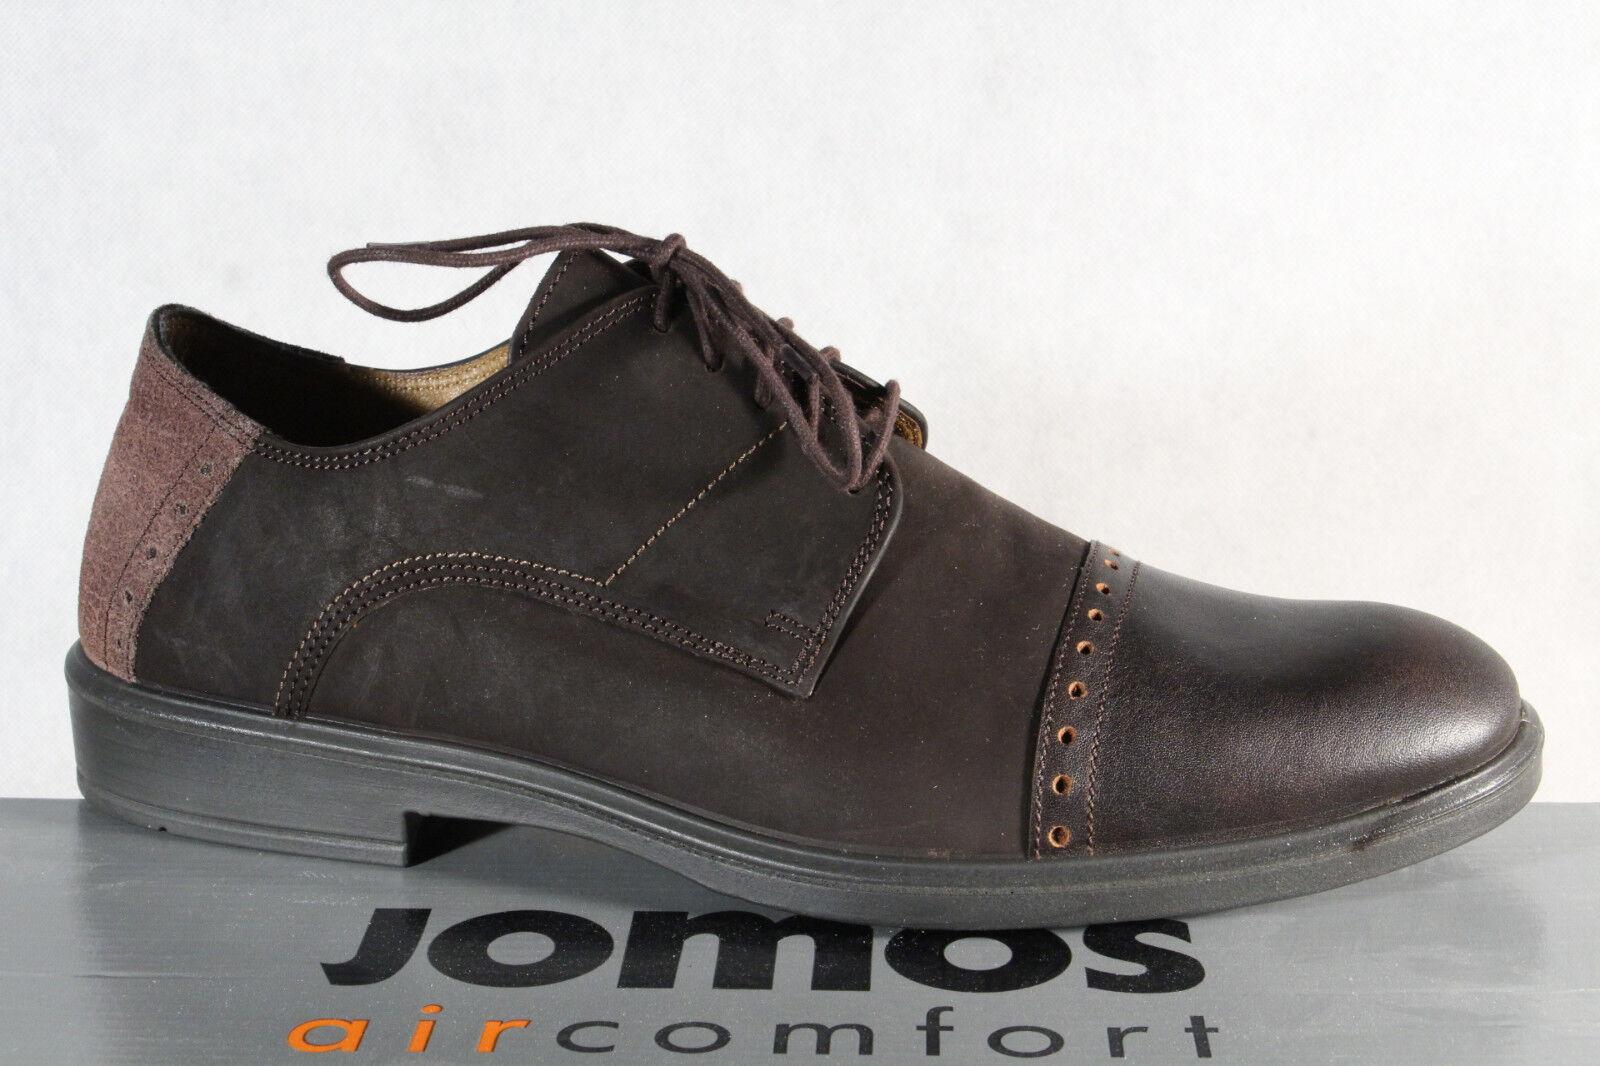 Jomos aircomfort Herren Schnürschuh 316216 Sneakers Halbschuh braun Leder  NEU